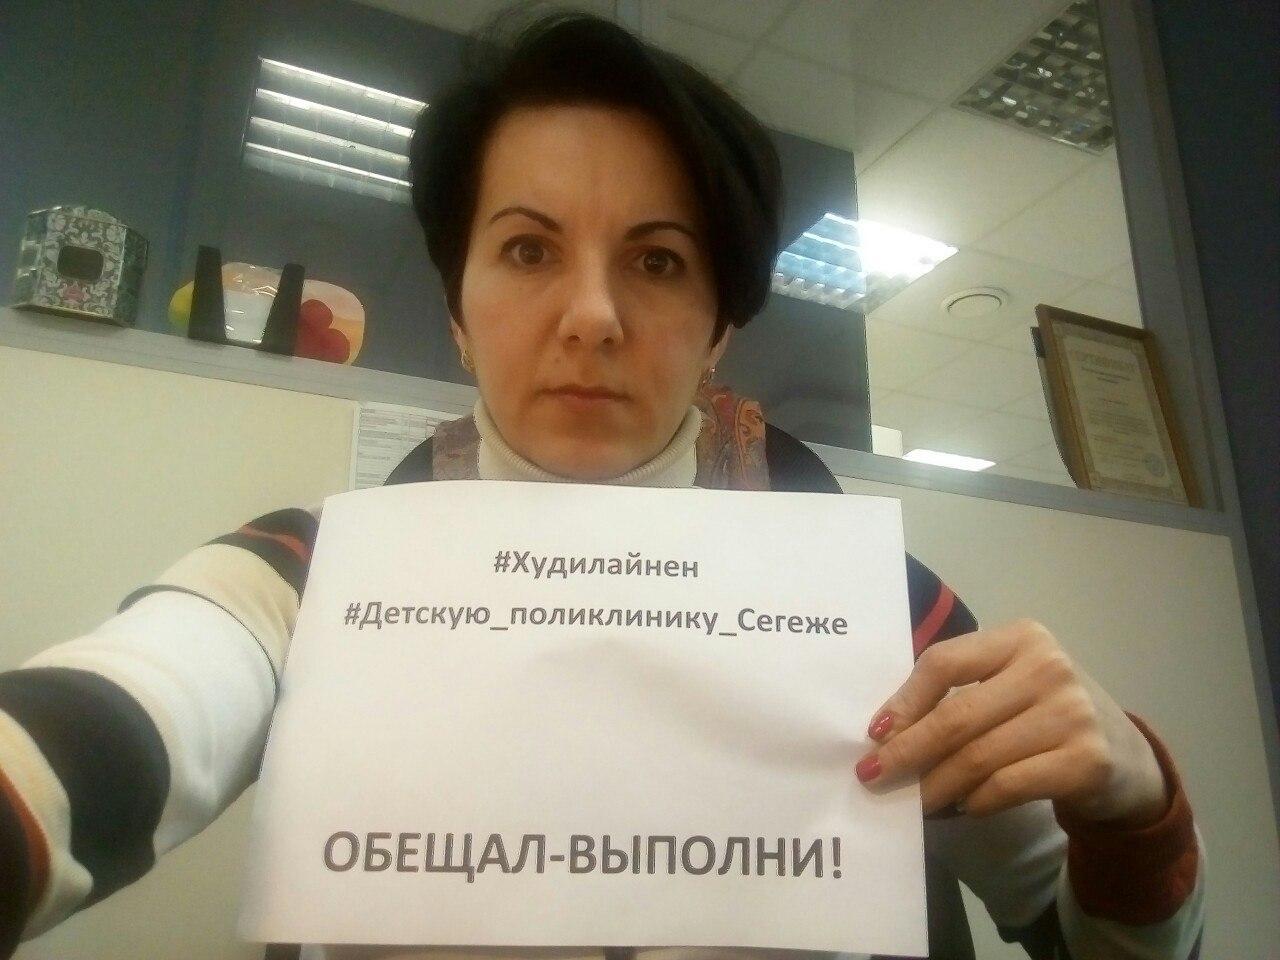 Участница флешмоба из Санкт-Петербурга Елена Бевер. Фото: vk.com